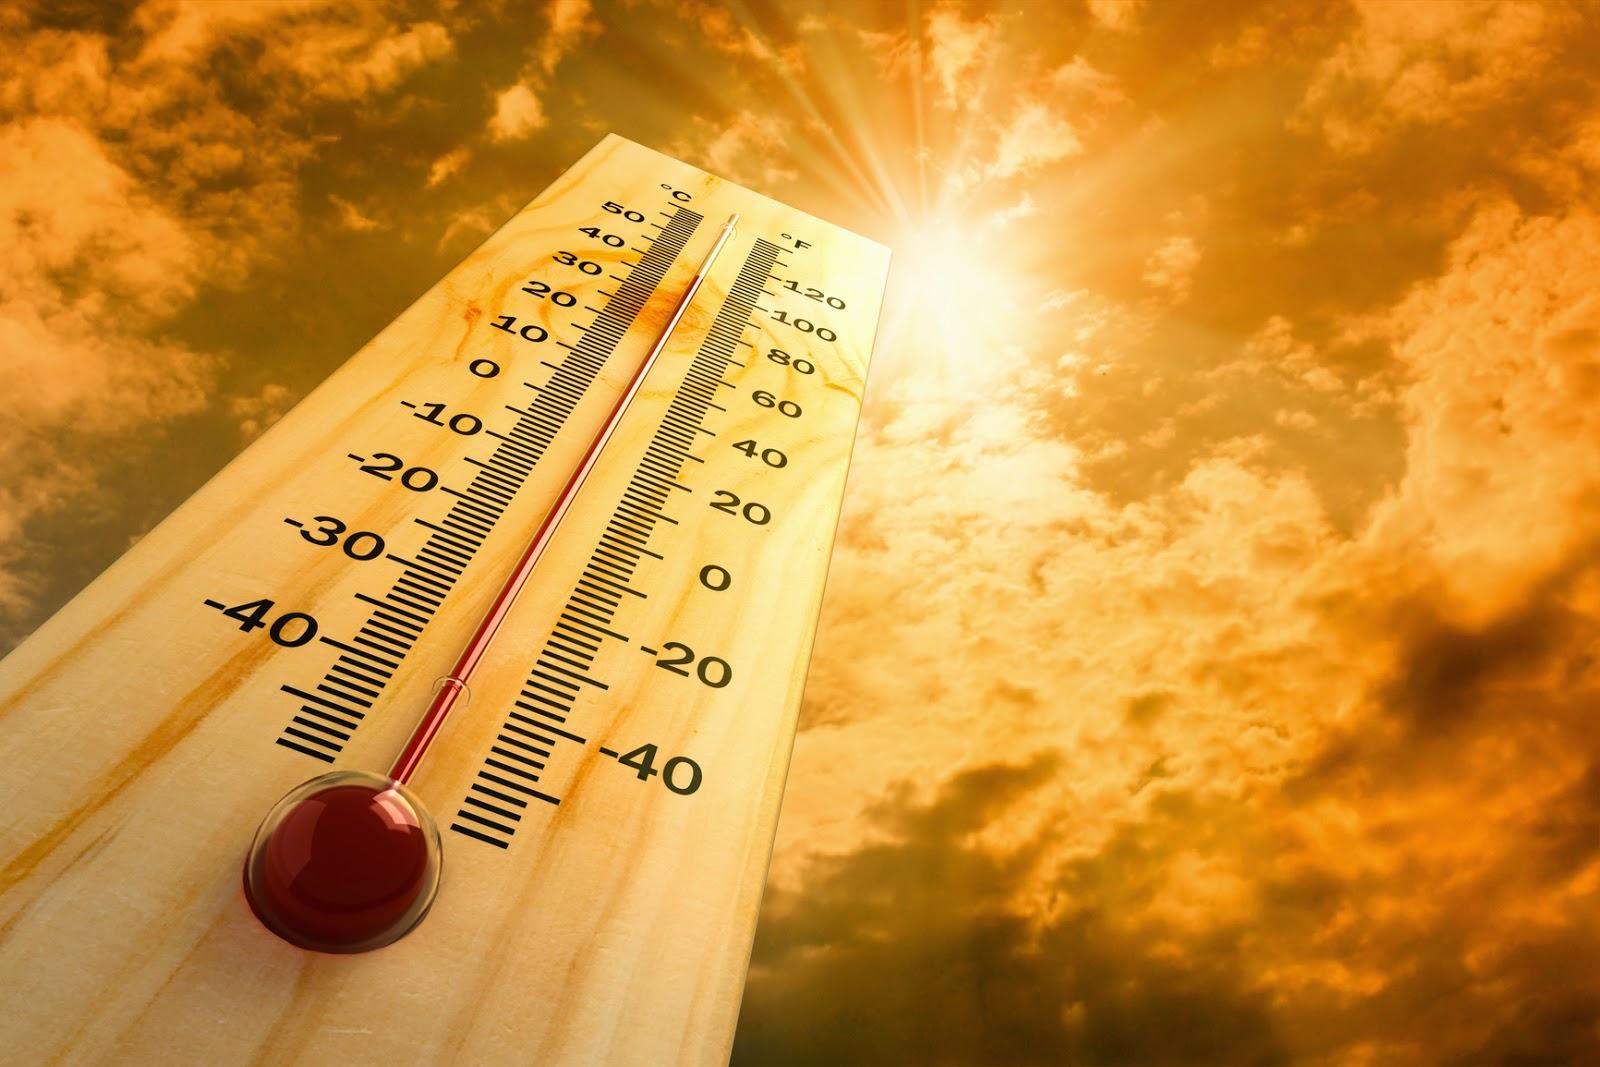 Novembro de 2020 foi o mais quente da história, diz estudo